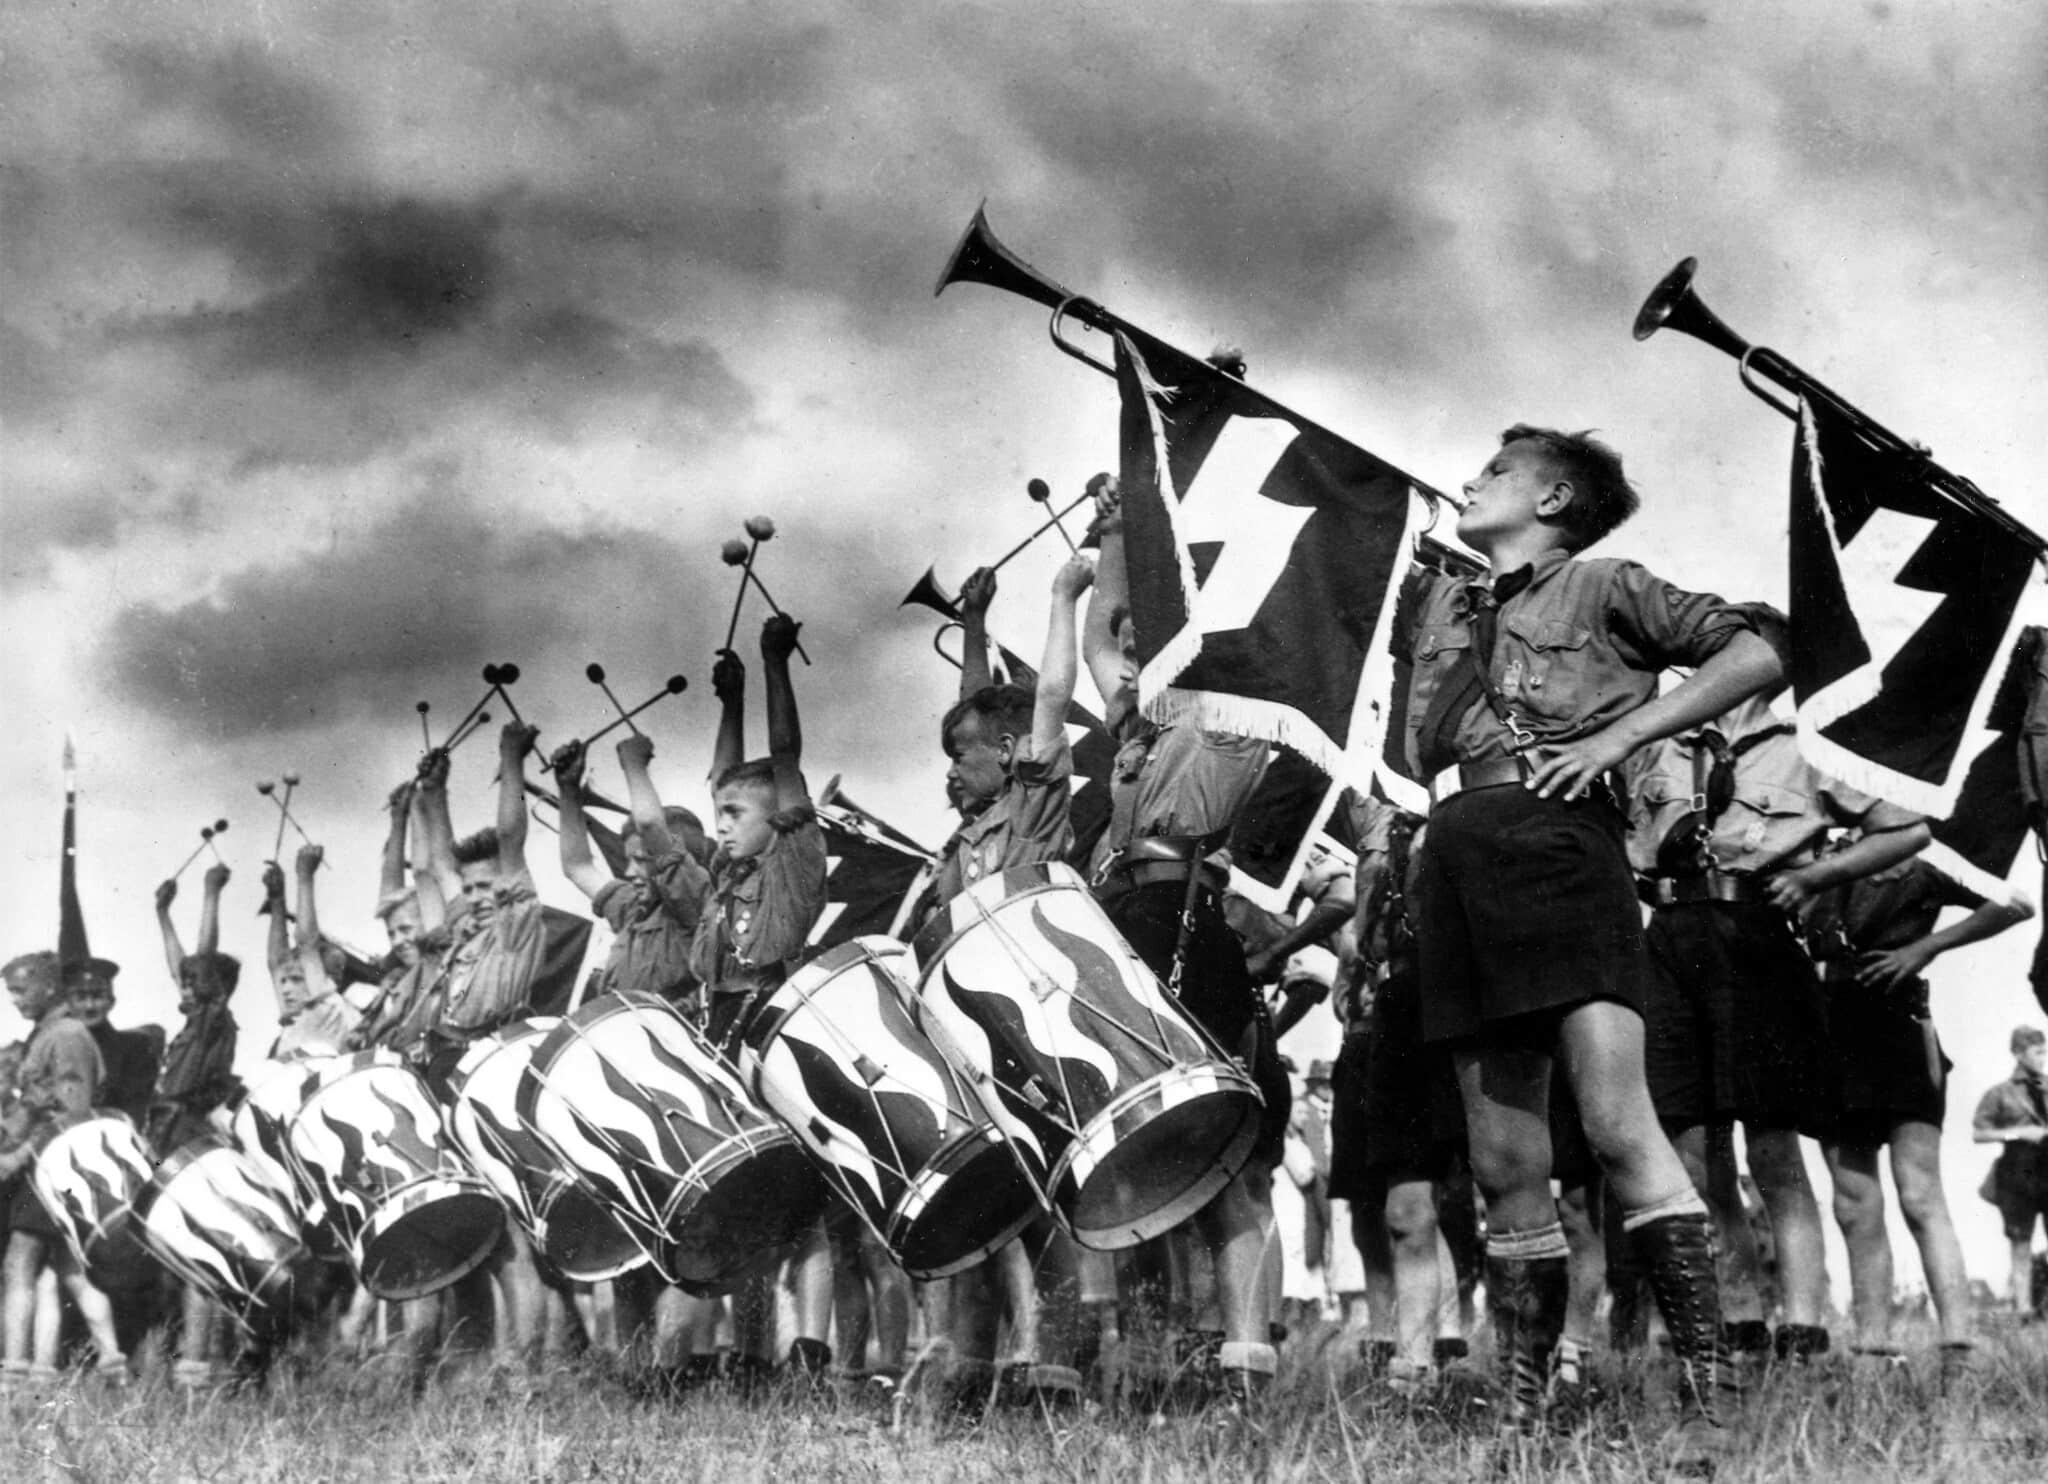 """נוער היטלר משמיע קול תופים וקול תרועה לרגל פתיחתו של """"דויטשלנדלאגר 1935"""", מחנה הנוער ליד ברנדנבורג (צילום: AP Photo)"""